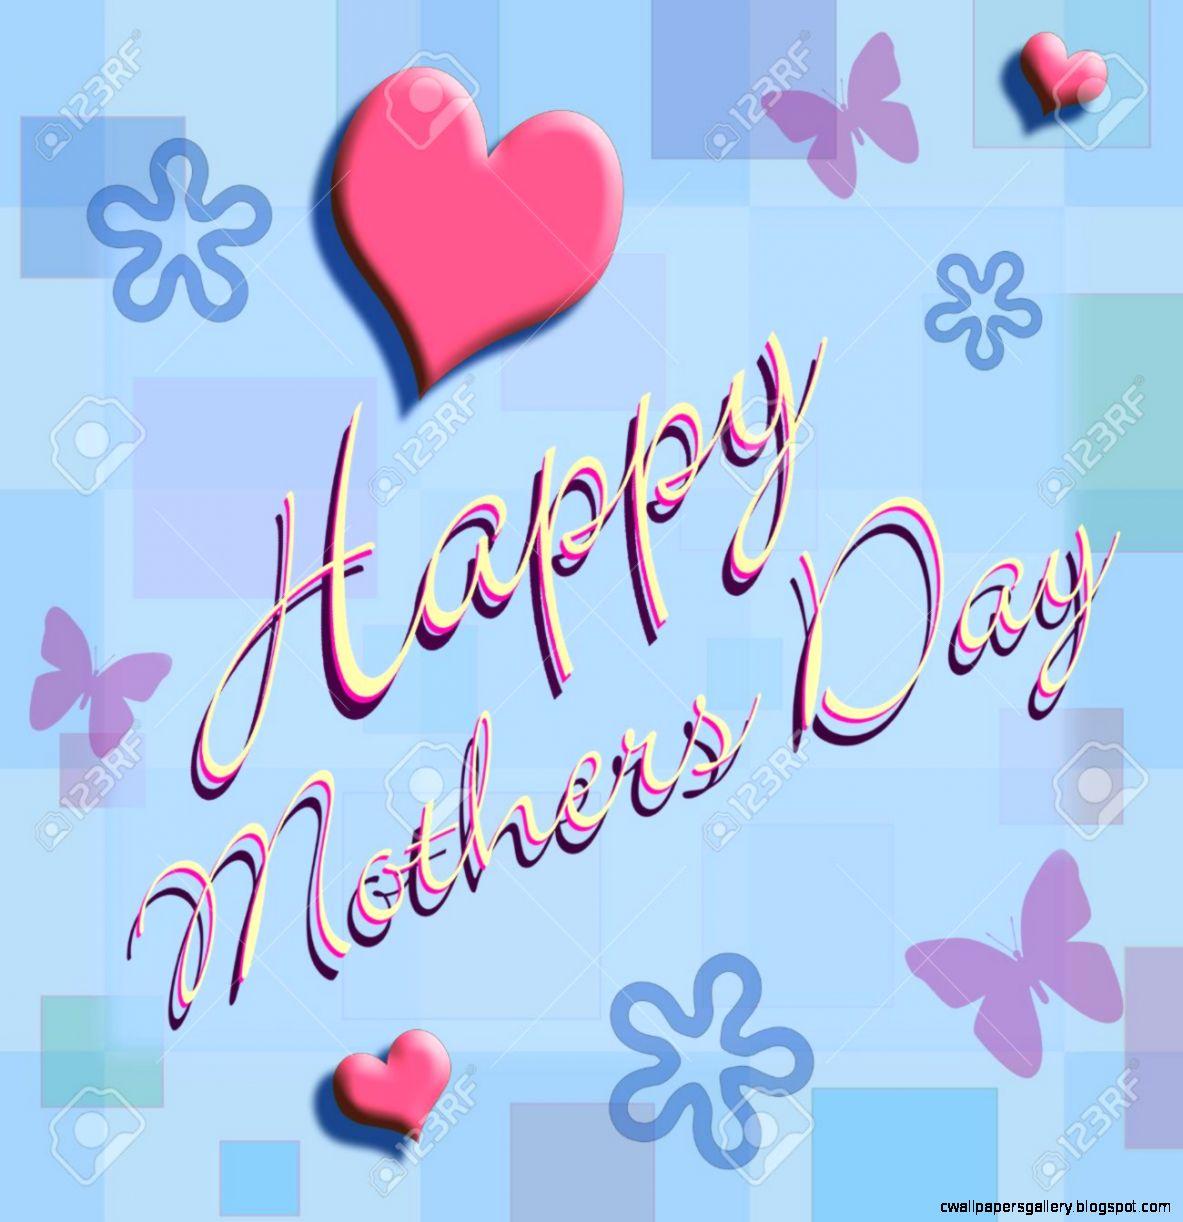 Happy Mothers Day Written In Script On A Light Blue Wall Paper